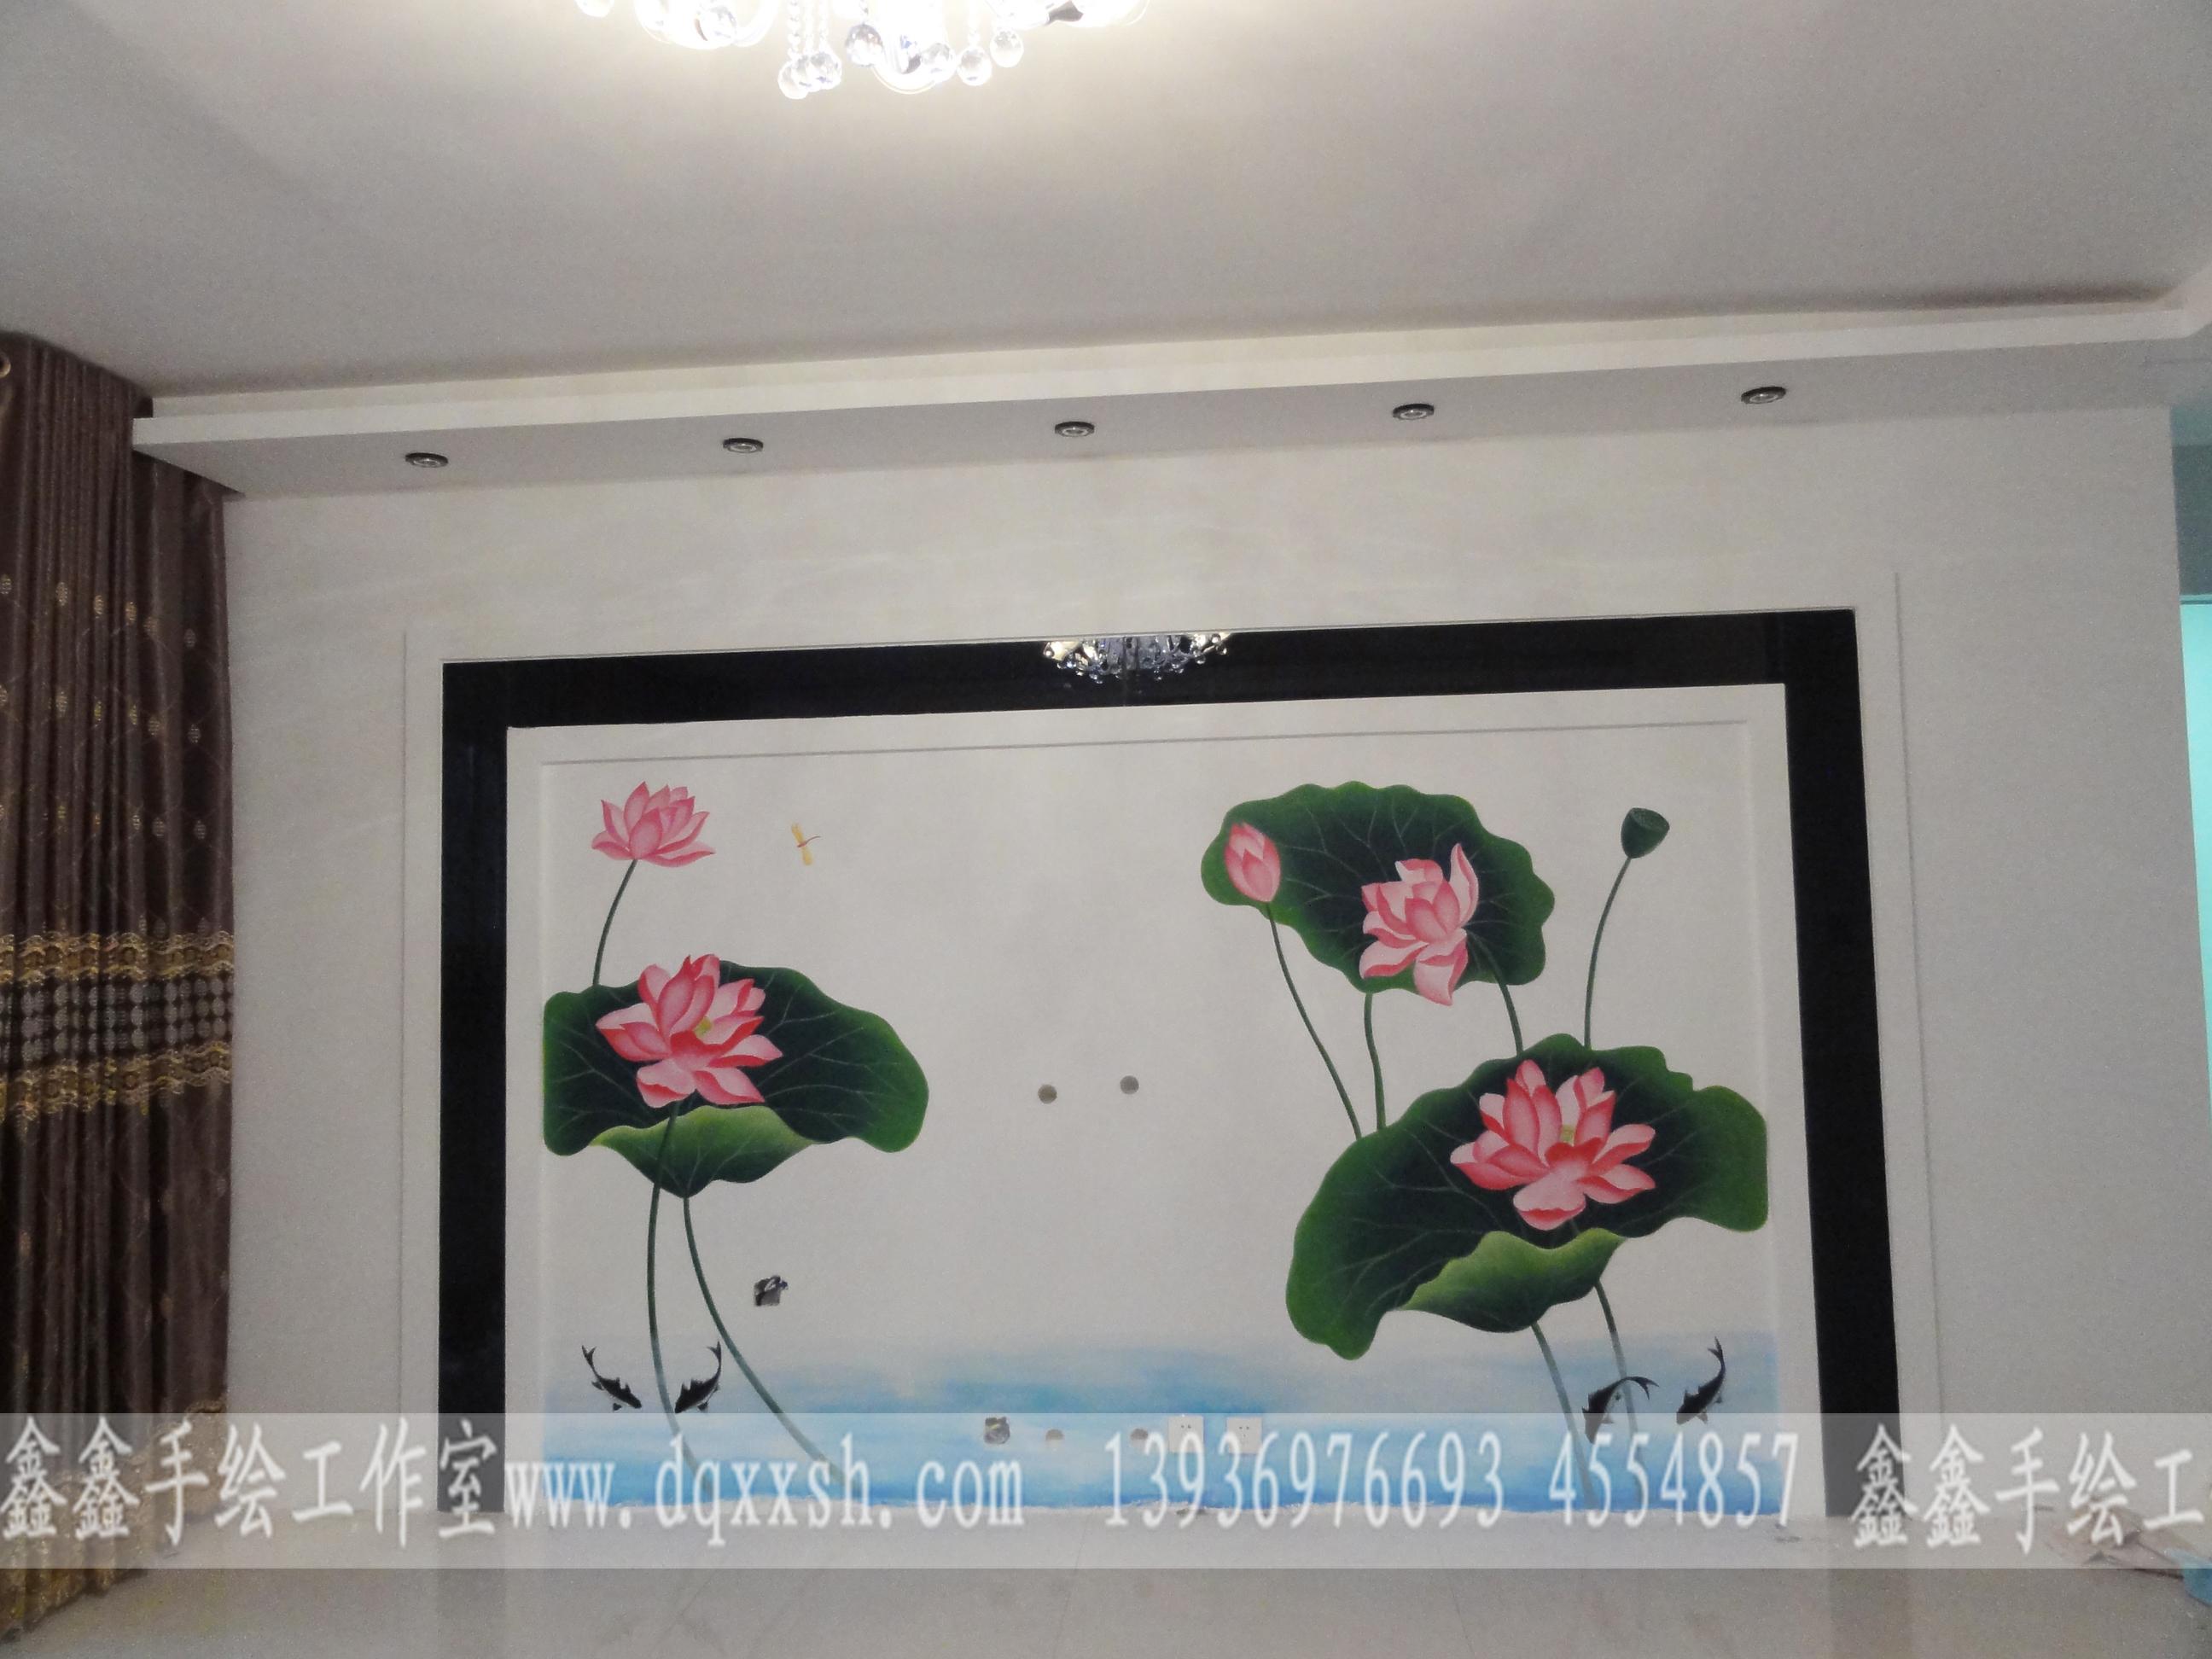 电视墙|插画|商业插画|大庆小陆手绘墙 - 原创作品